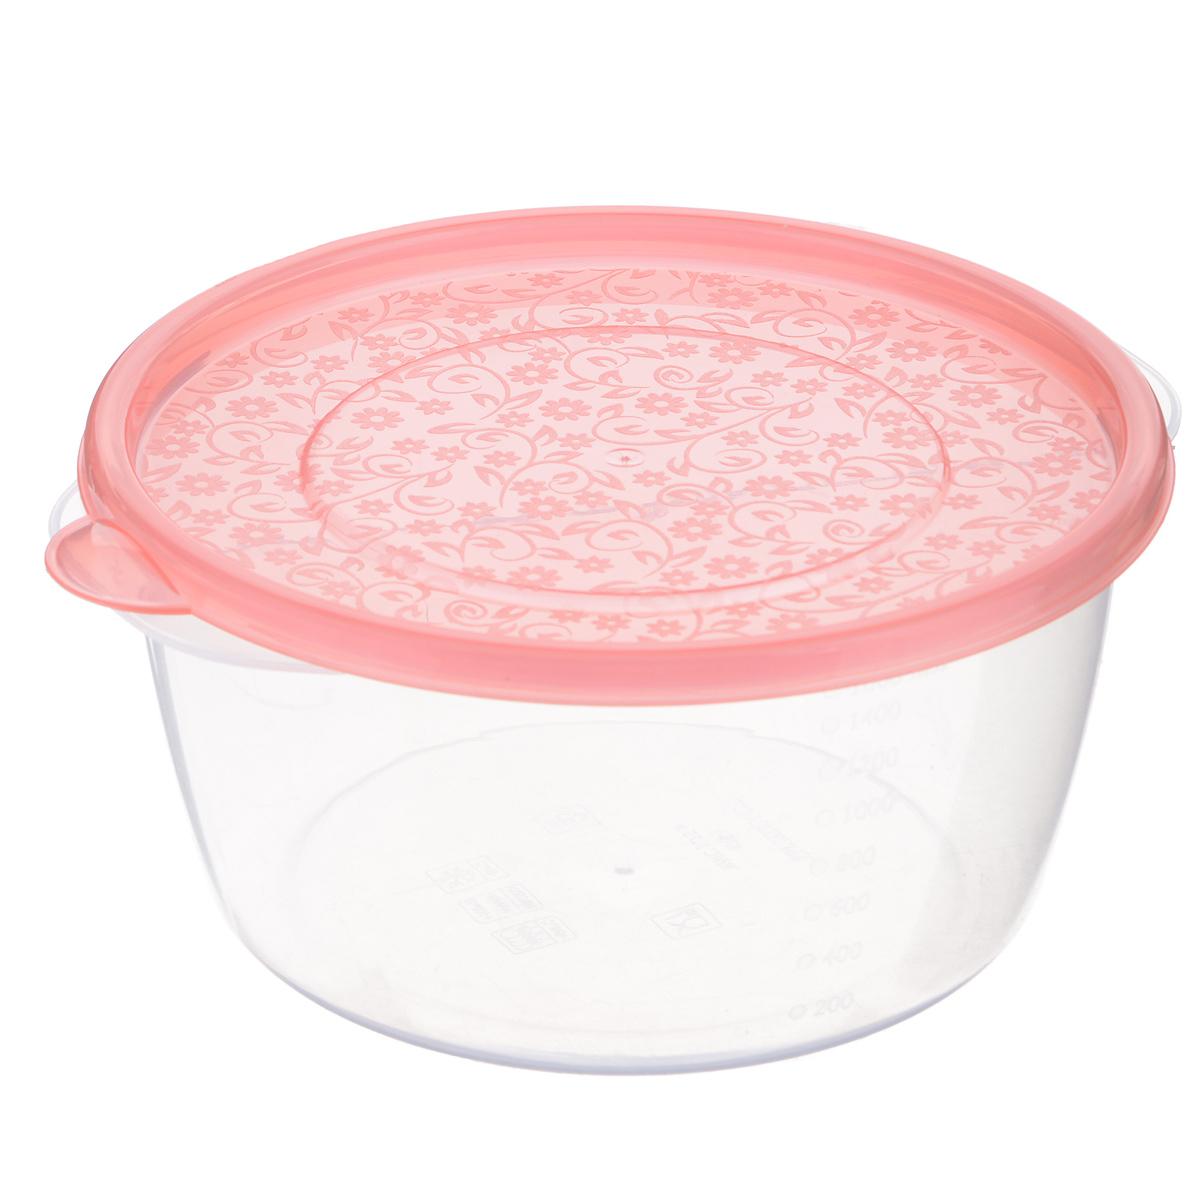 Контейнер Phibo Арт-Декор, цвет: коралловый, 1,75 лС11476Контейнер Phibo Арт-Декор изготовлен из высококачественного полипропилена и не содержит Бисфенол А. Крышка легко и плотно закрывается, украшена узором в виде цветков. Контейнер устойчив к воздействию масел и жиров, легко моется.Подходит для использования в микроволновых печах при температуре до +100°С, выдерживает хранение в морозильной камере при температуре -24°С, его можно мыть в посудомоечной машине при температуре до +95°С.